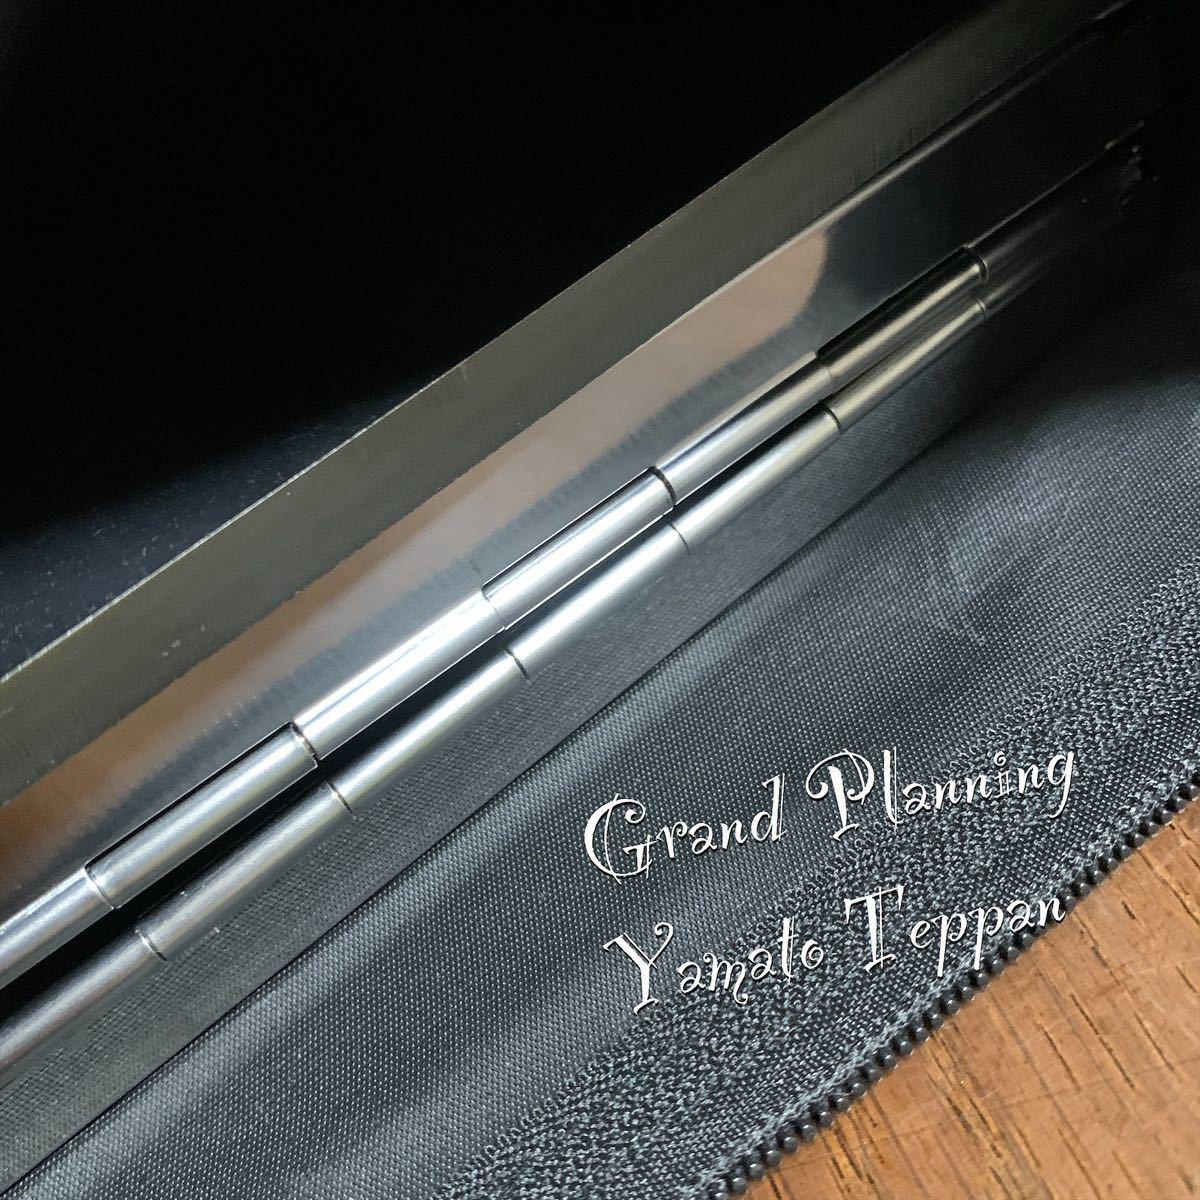 スマートグリル 12ミリ アウトドア 鉄板 バーベキュー 大和鉄板 鉄板のみ B6サイズ ソロキャンプ 極厚鉄板 ソロ鉄板 小傷あり